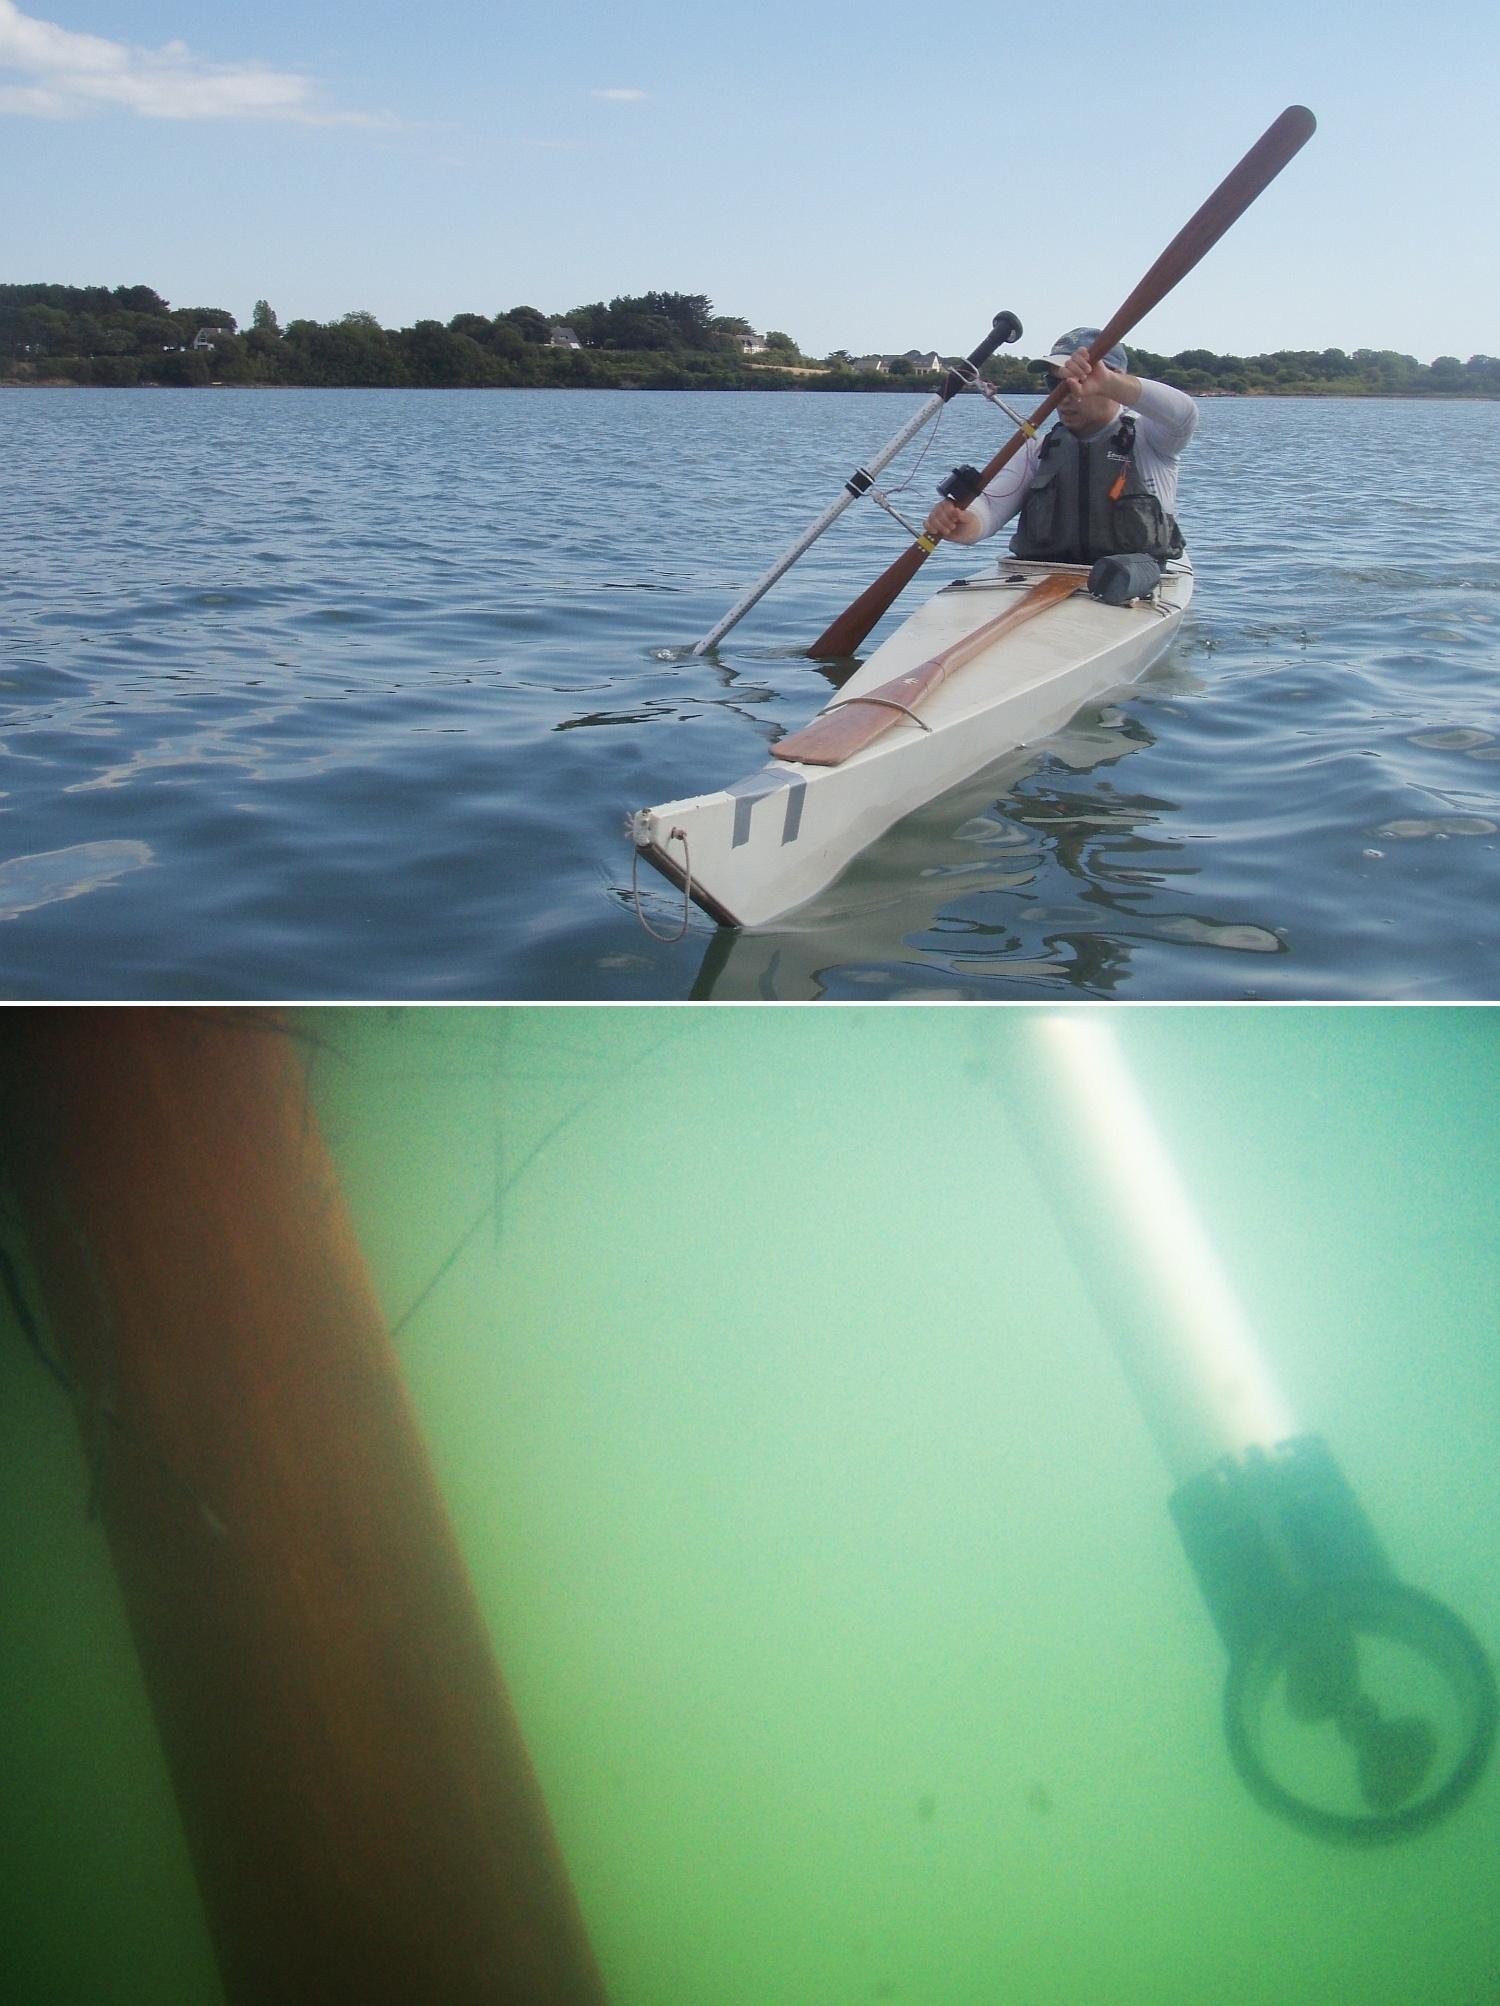 billet,kayak,technique,pagaie,sciences,aventure,histoire,inuit,hydrologie,aérodynamisme,r&d,étude,méthide